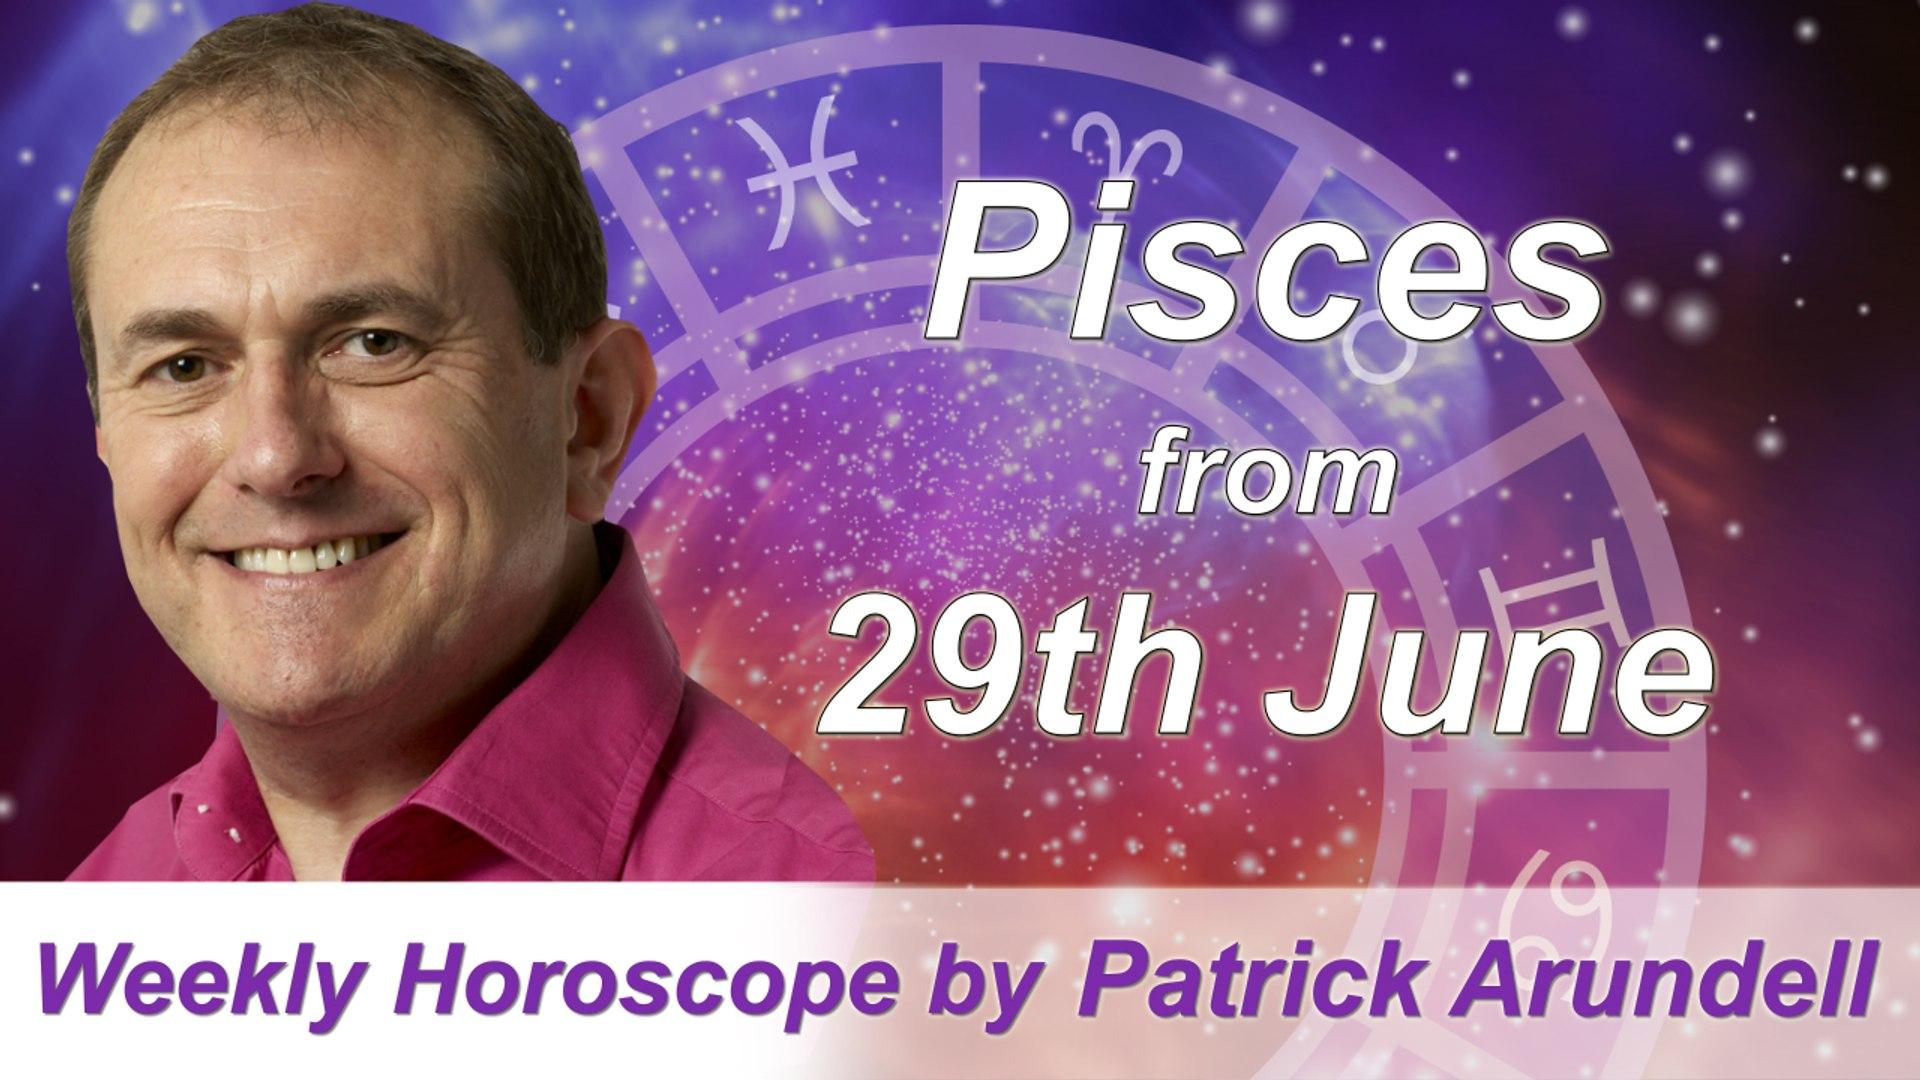 weekly arundell horoscope